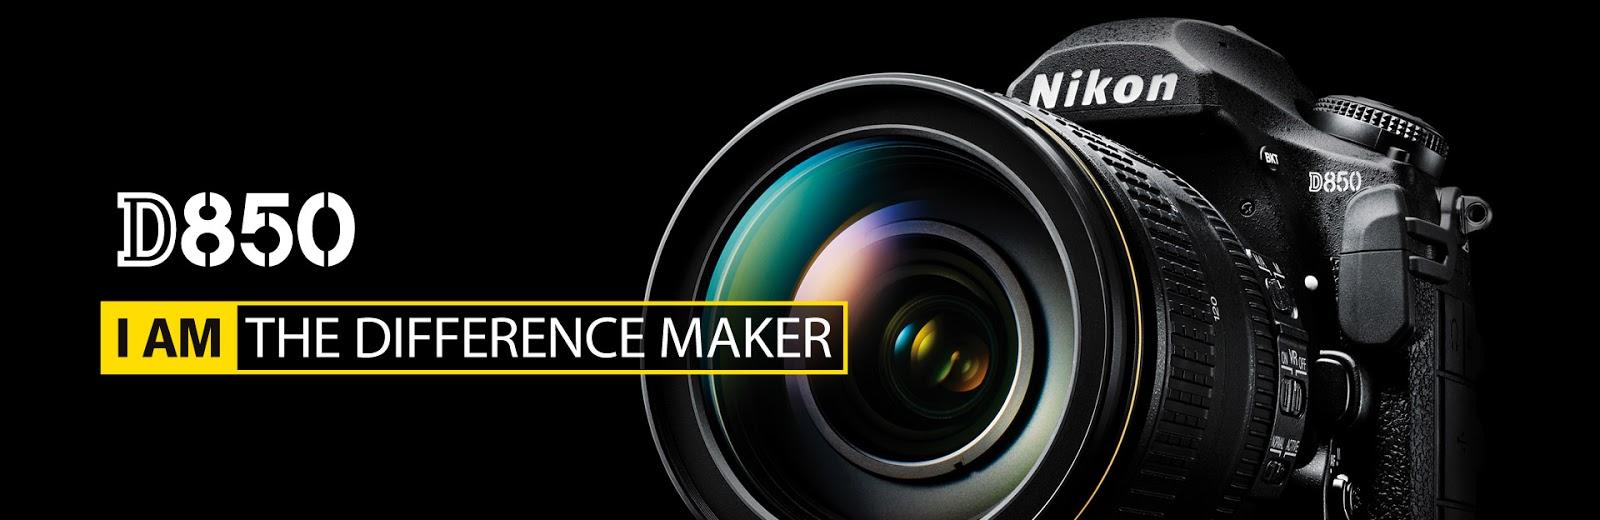 Nikon D850 из пресс-релиза